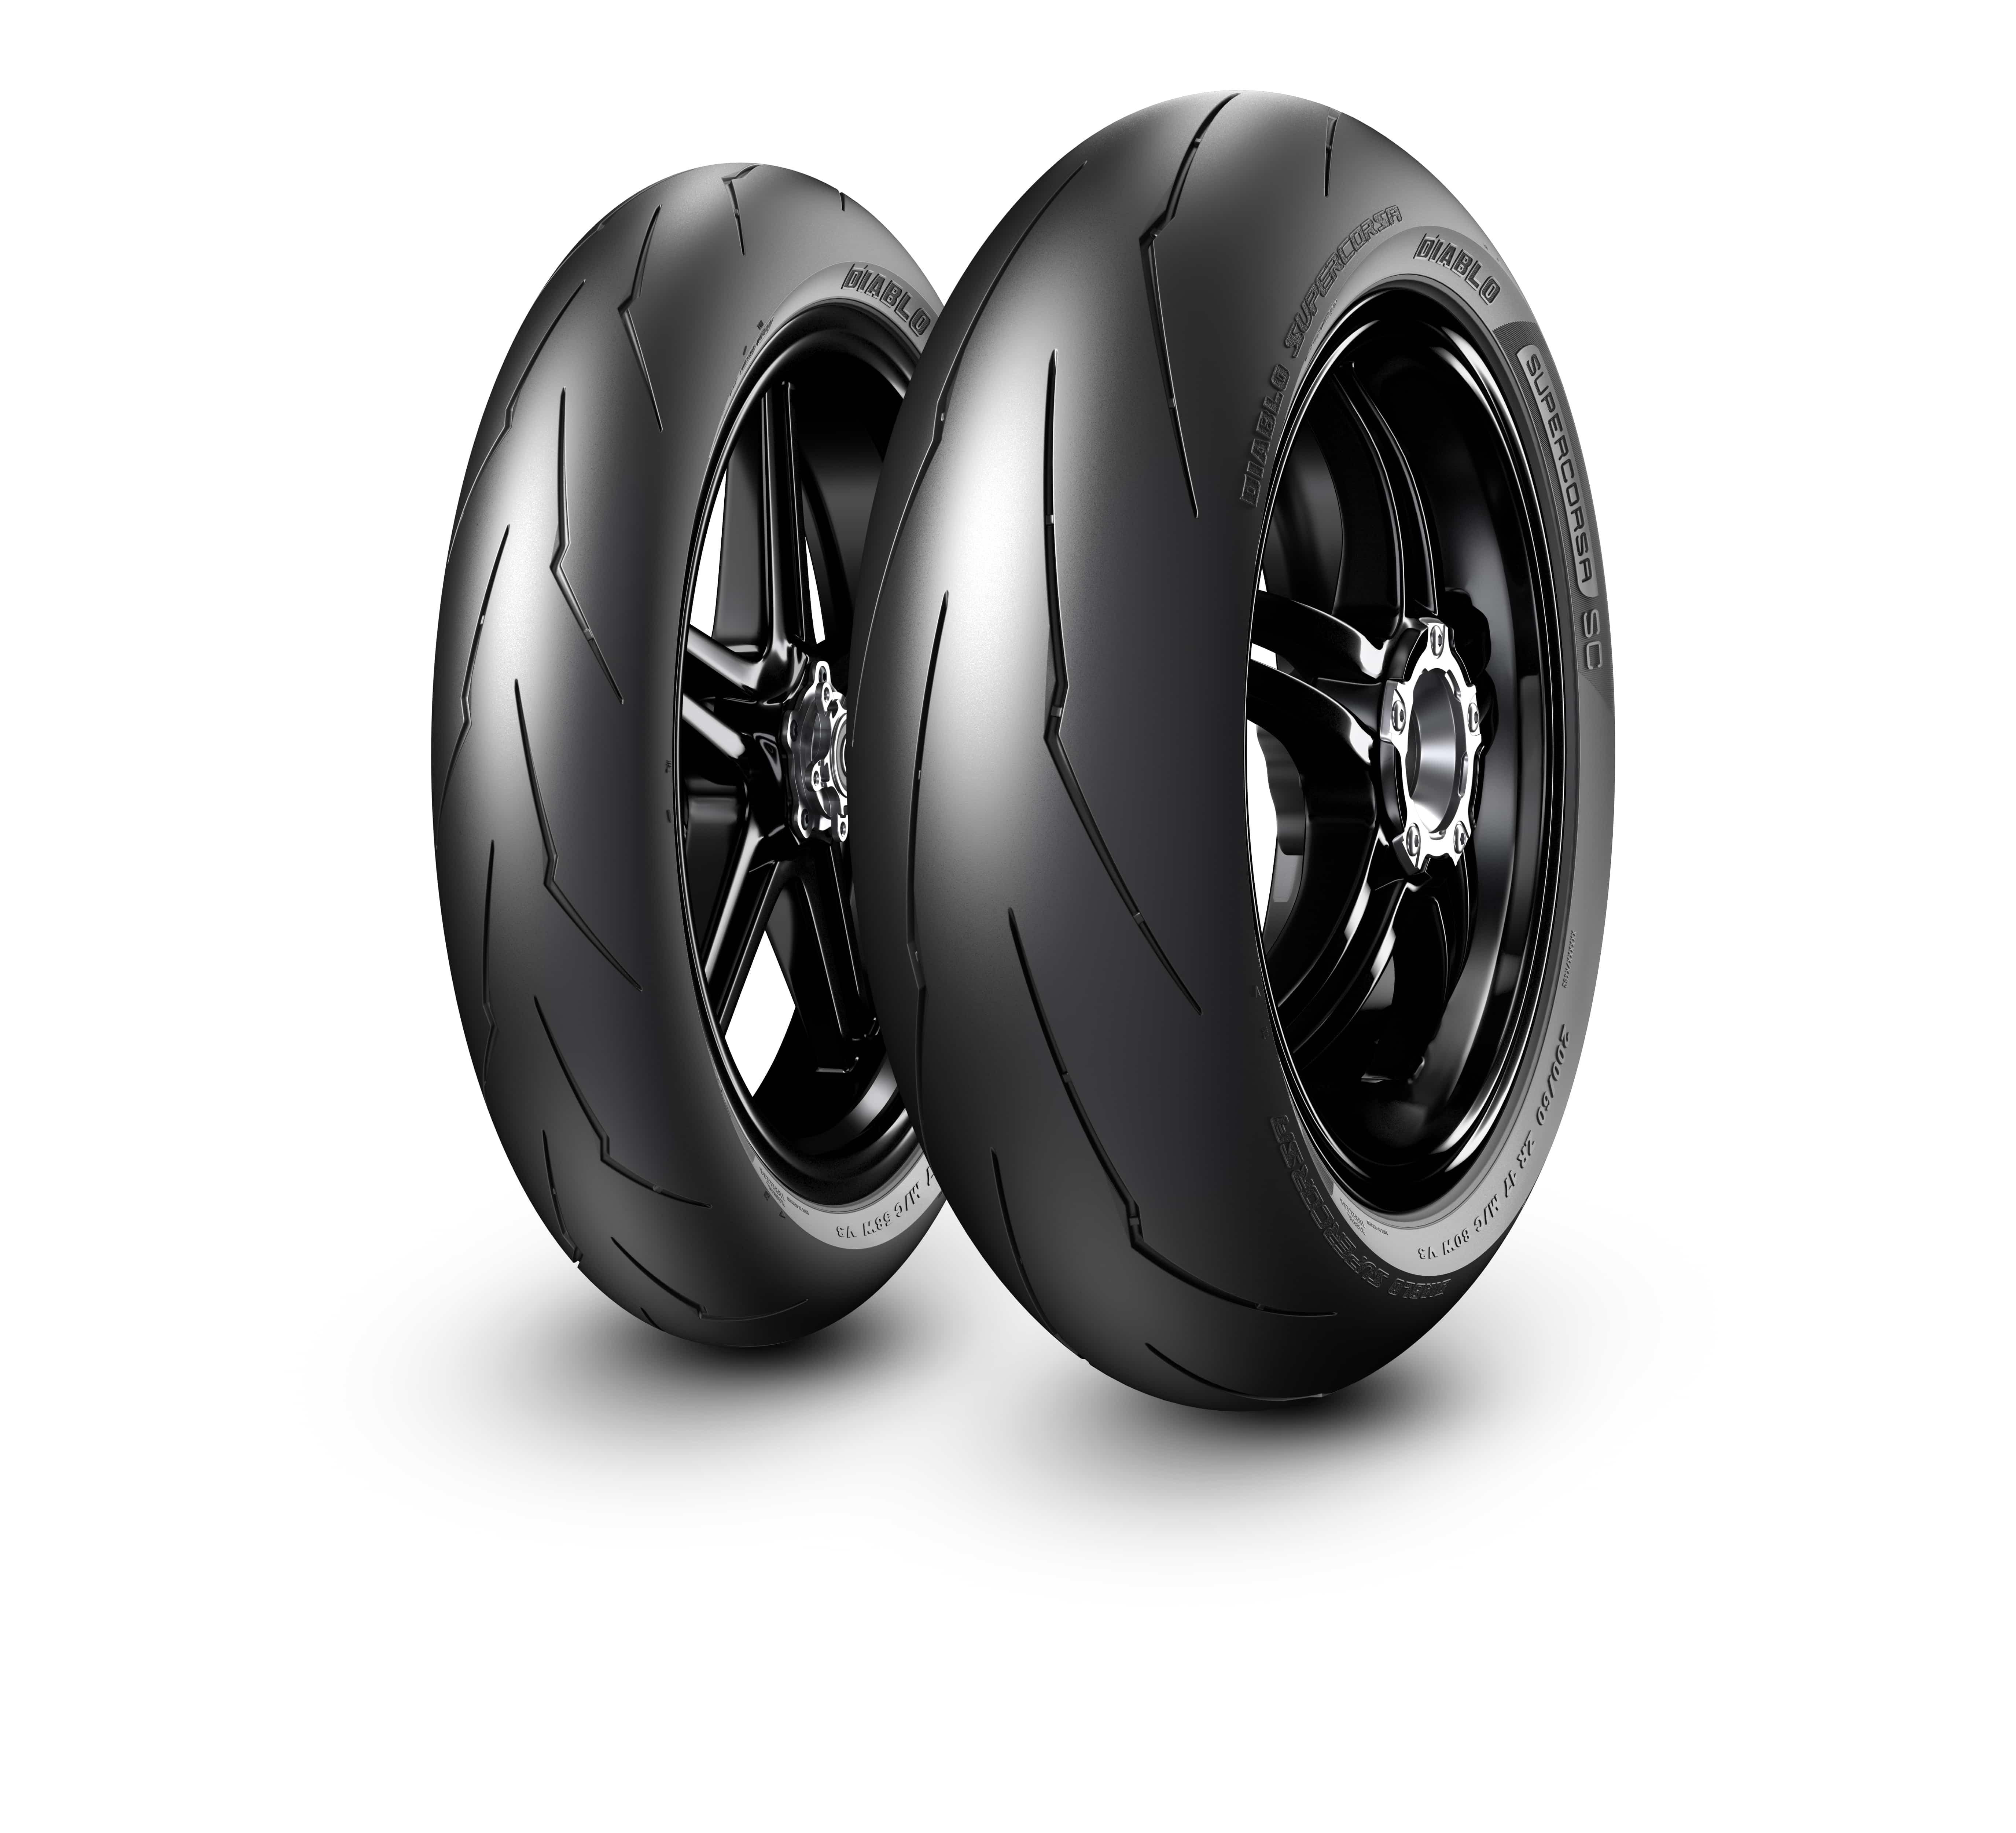 ピレリ(Pirelli)2020年にレース用タイヤのラインナップを拡大